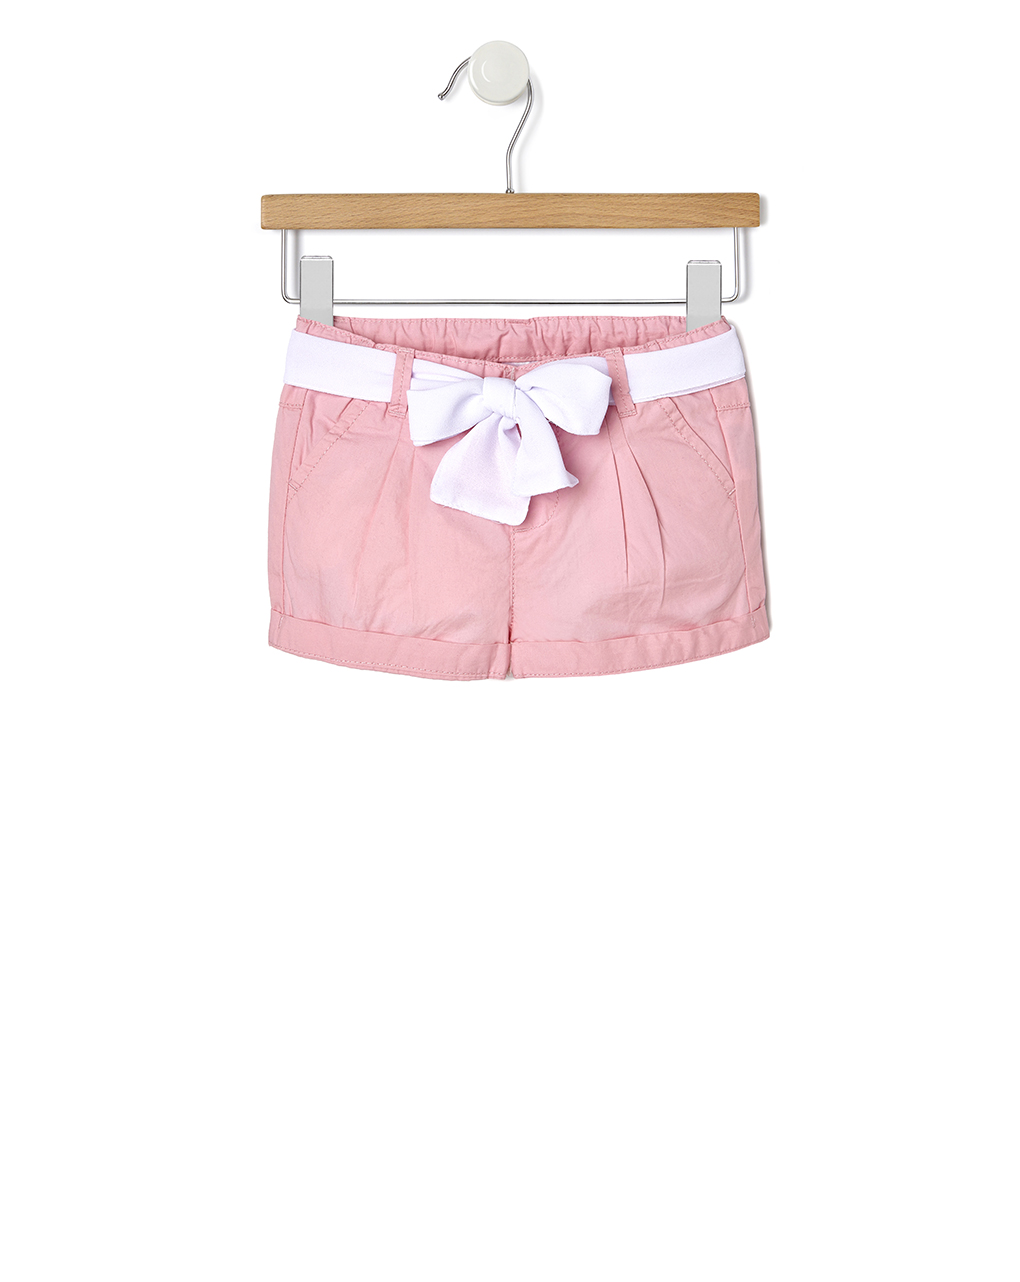 Σορτς Ροζ με Λευκή Ζώνη για Κορίτσι